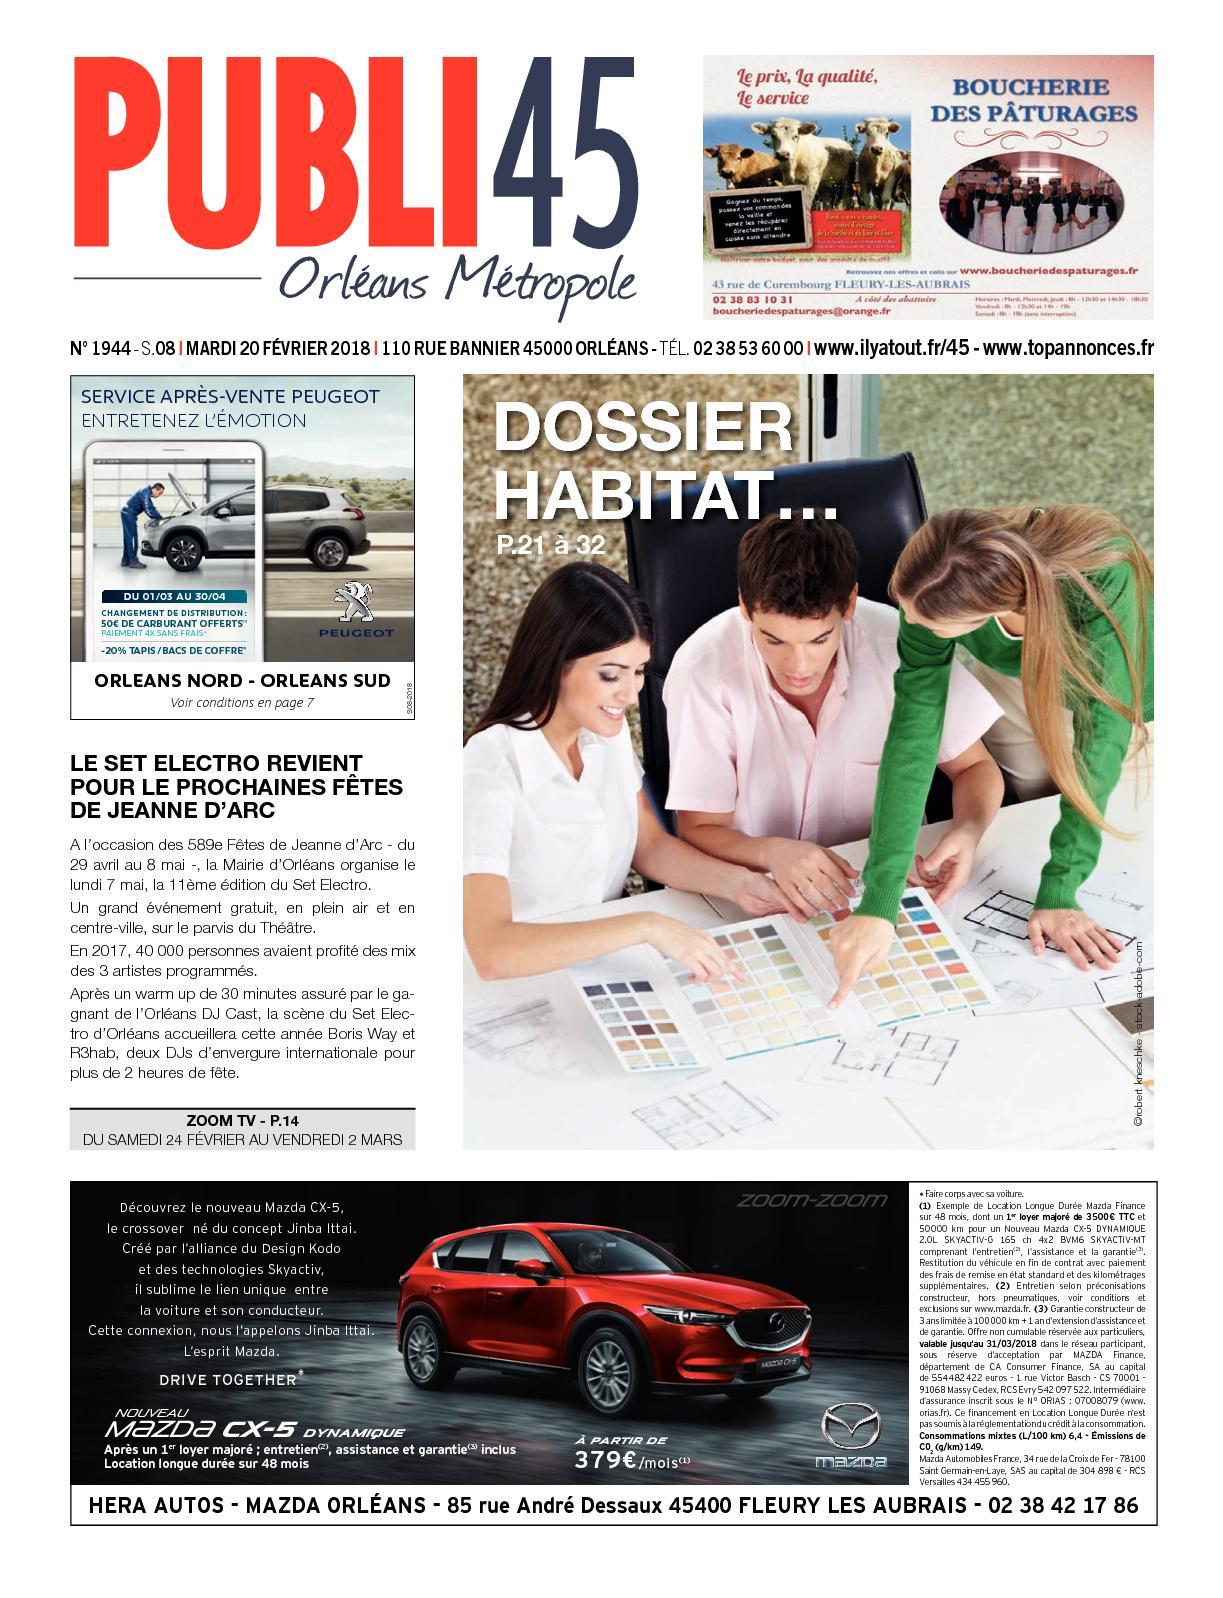 Envia Cuisine Fleury Les Aubrais calaméo - publi 45 s082018